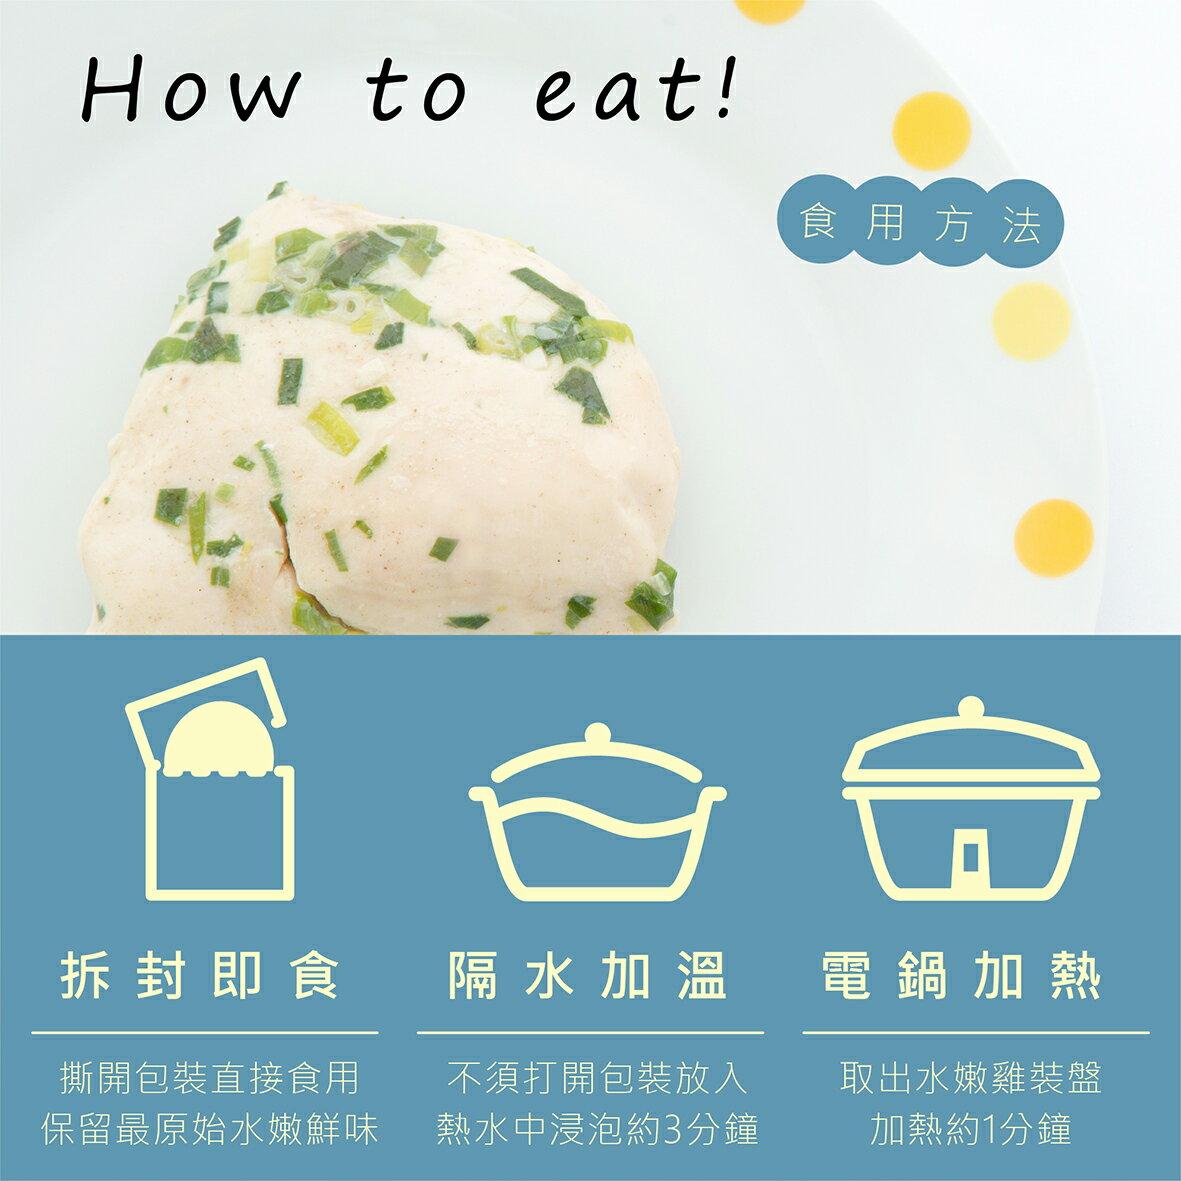 三星鄉小農香蔥(舒肥水嫩雞真空即食包160g)